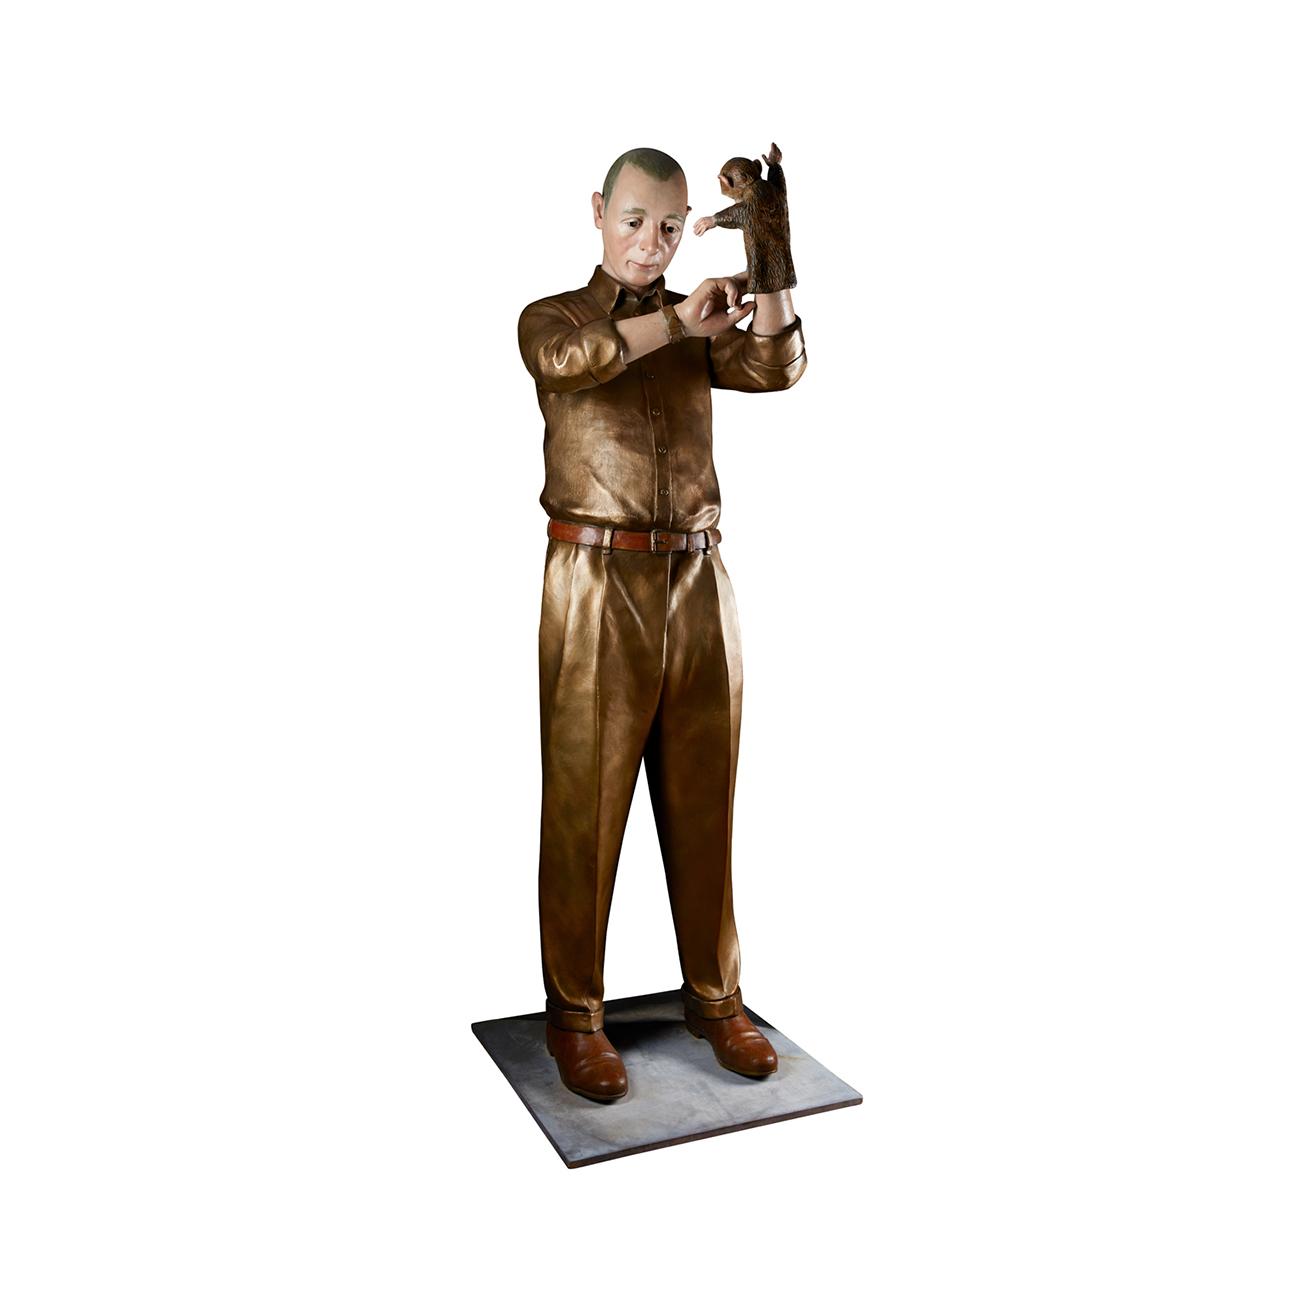 Lotta Hannertz  World maker  2014  Sculpture in painted bronze, 2/3 180 x 60 x 60 cm